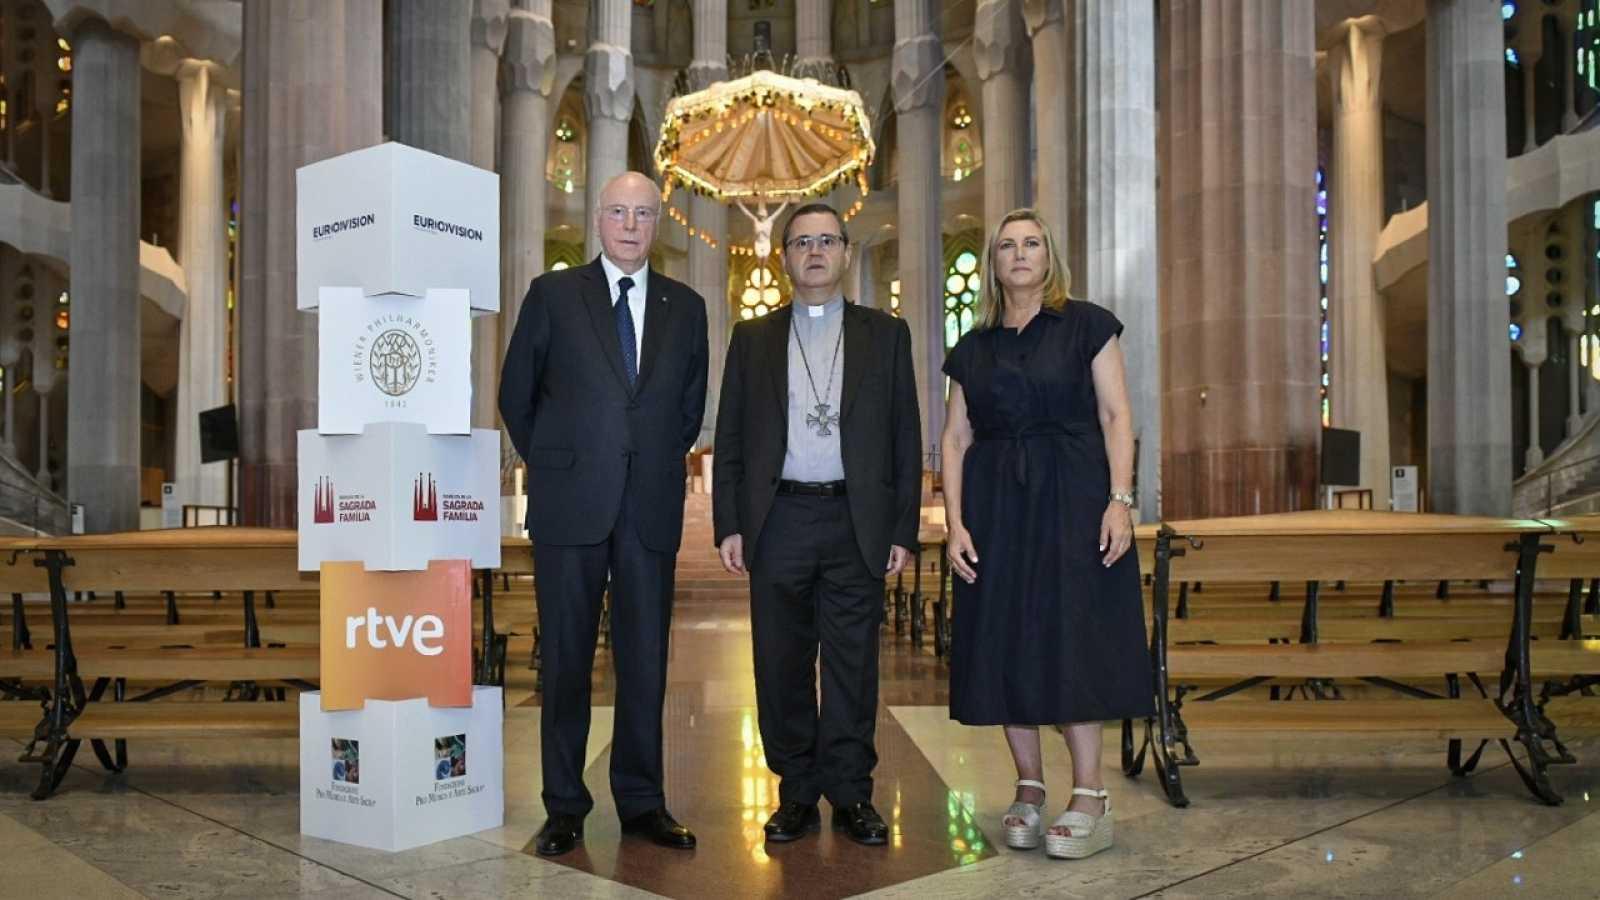 Foto de Hans-Albert Courtial, Mons. Sergi Gordo i Ana María Bordas a la Sagrada Família